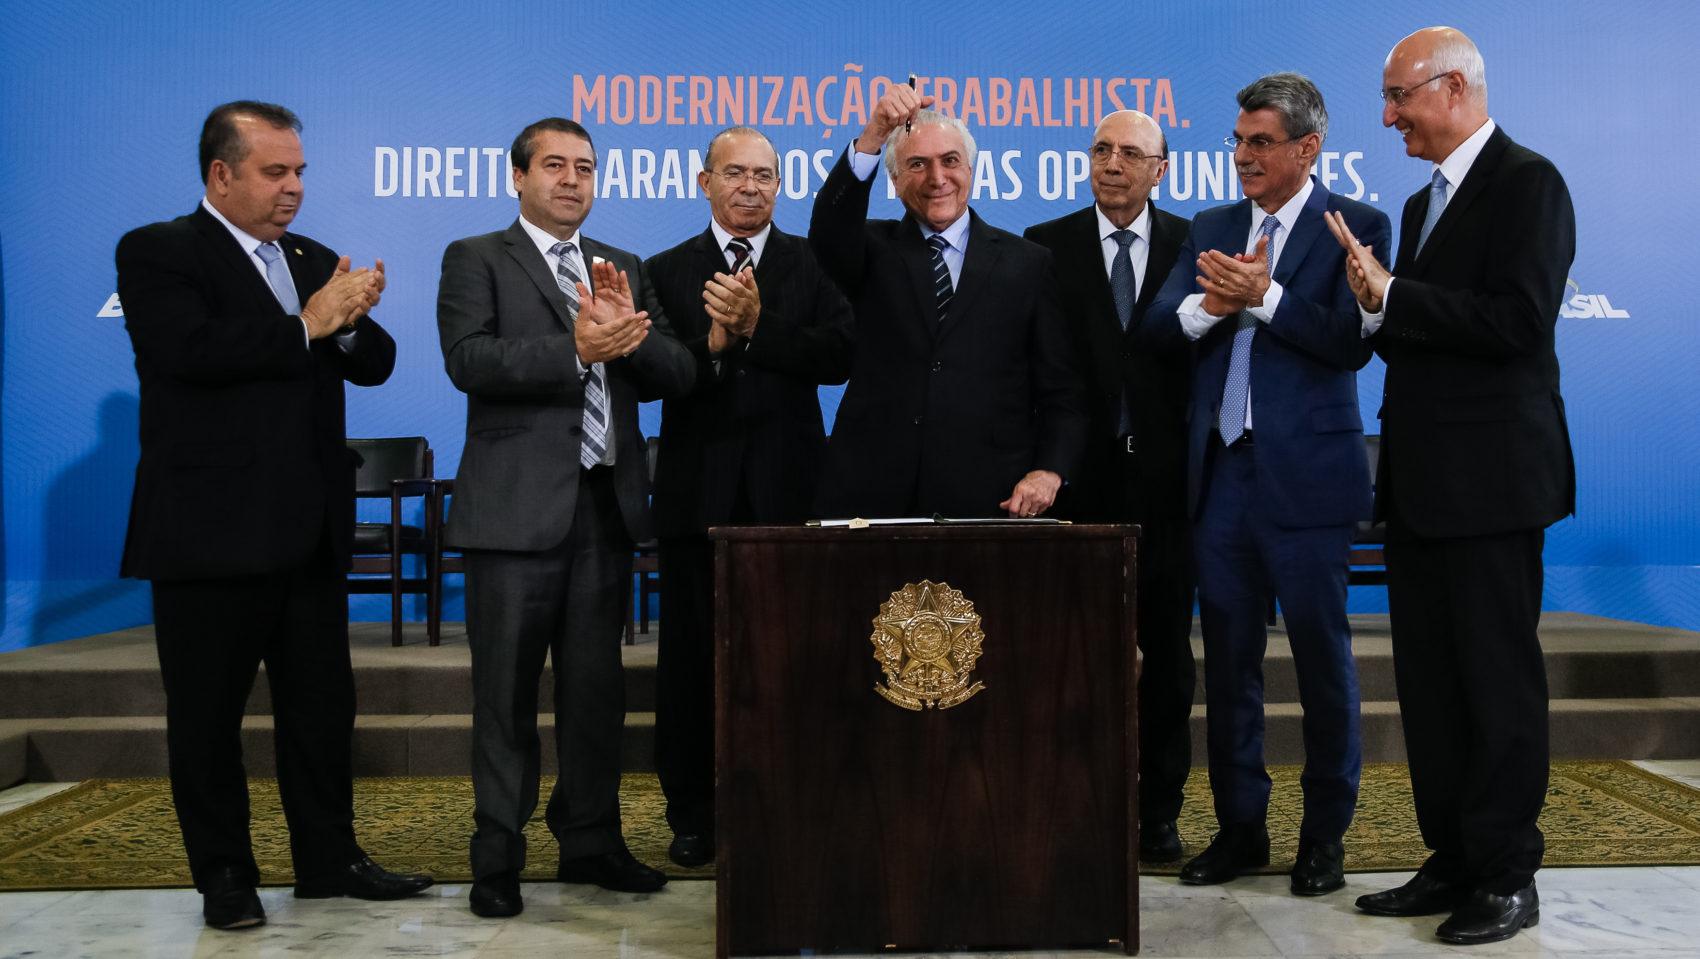 Cerimônia de Sanção da Lei de Modernização Trabalhista